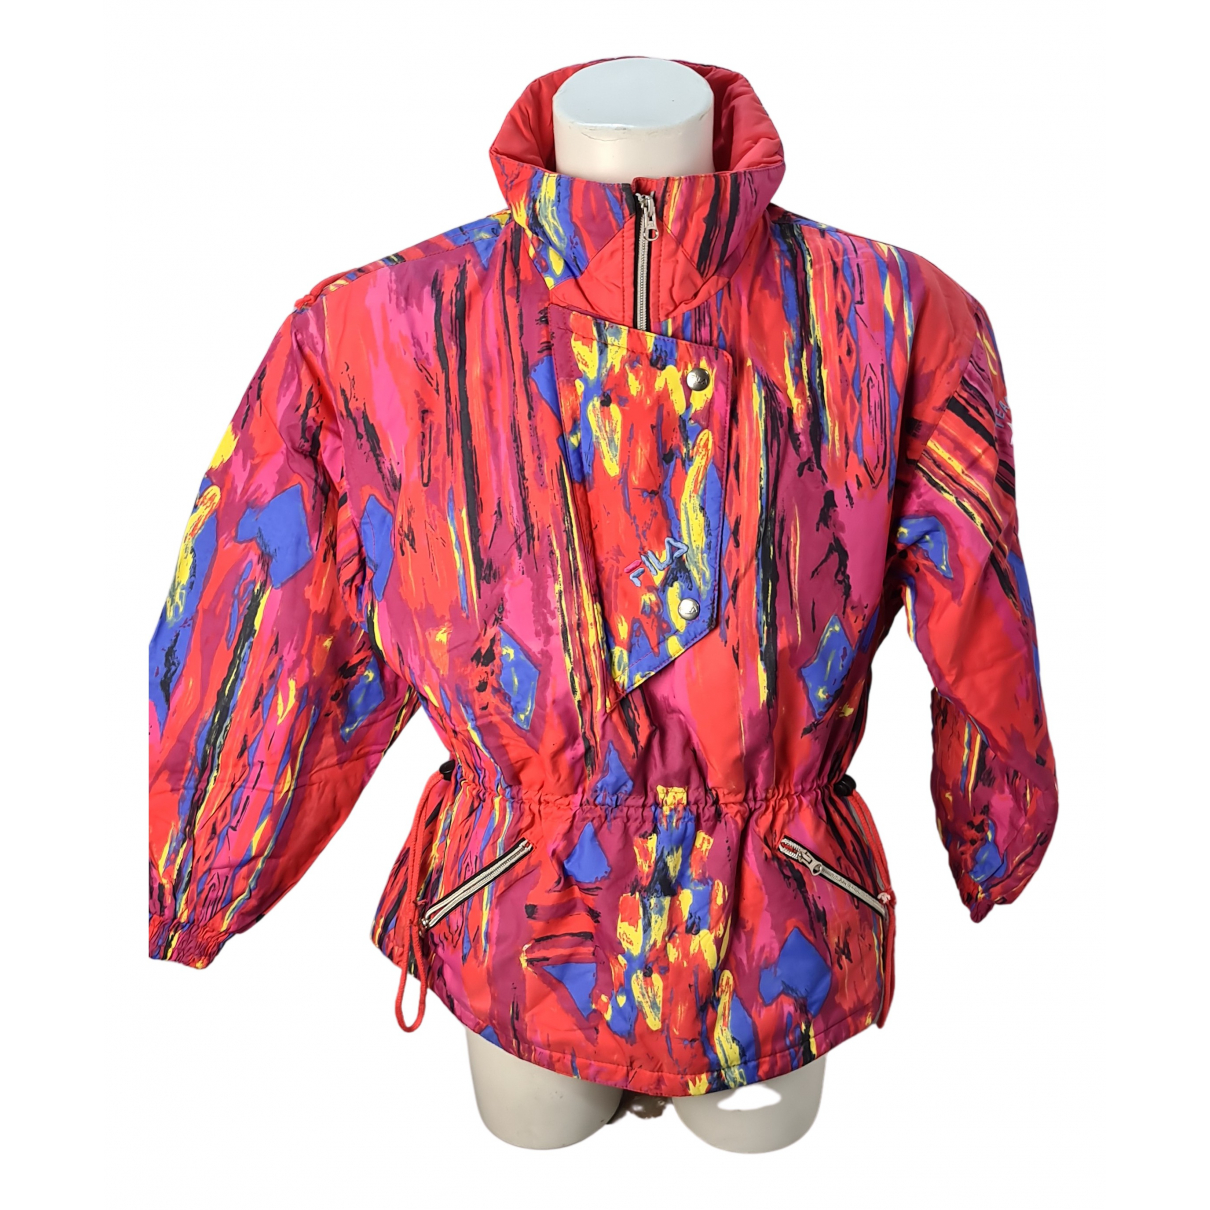 Fila - Vestes.Blousons   pour homme - multicolore